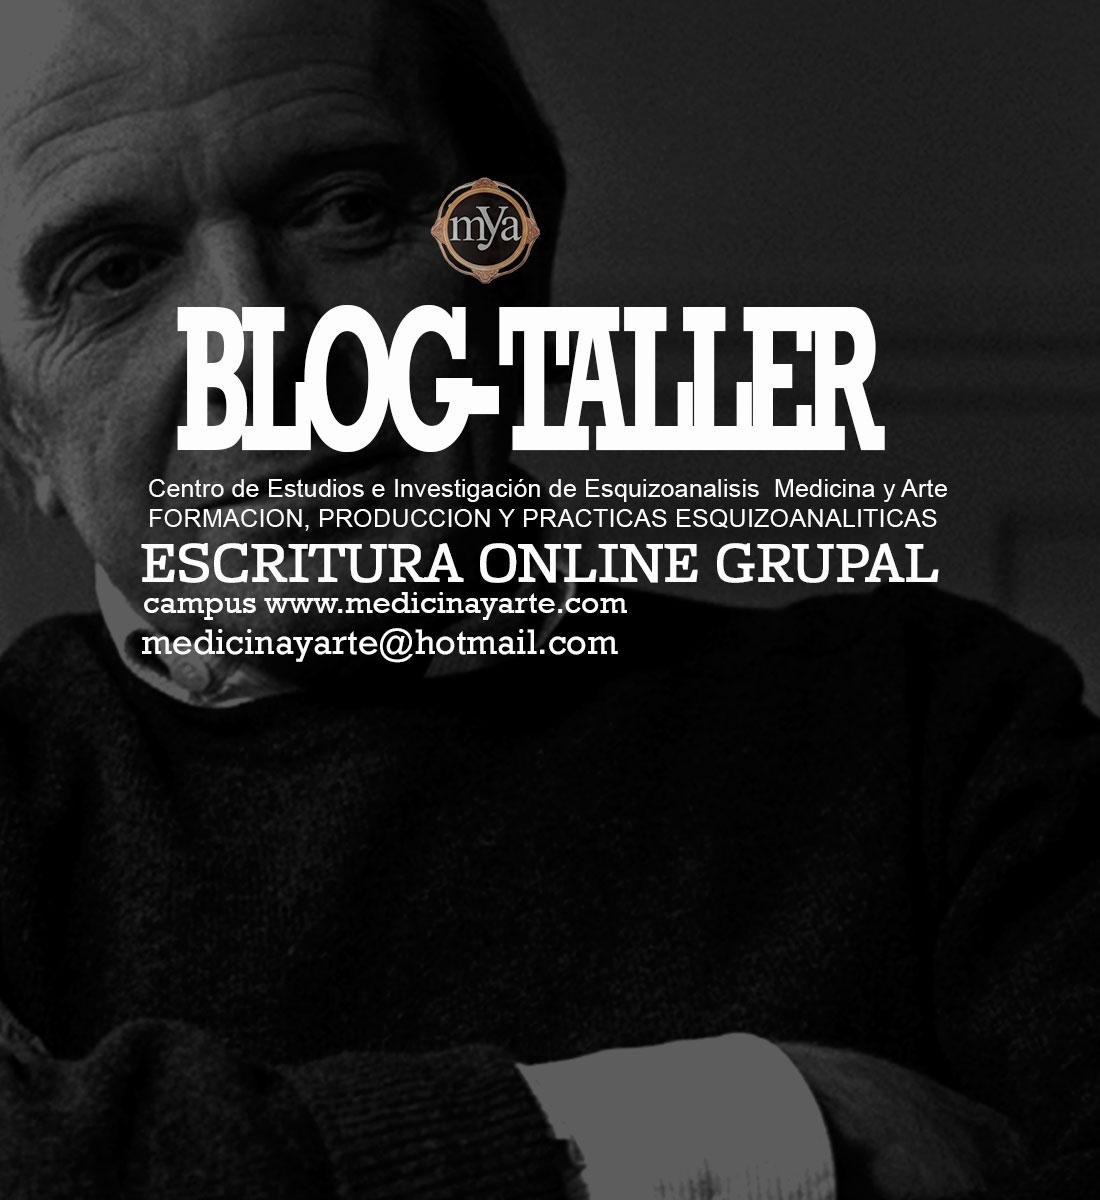 http://www.medicinayarte.com/img/blog-taller3.jpg